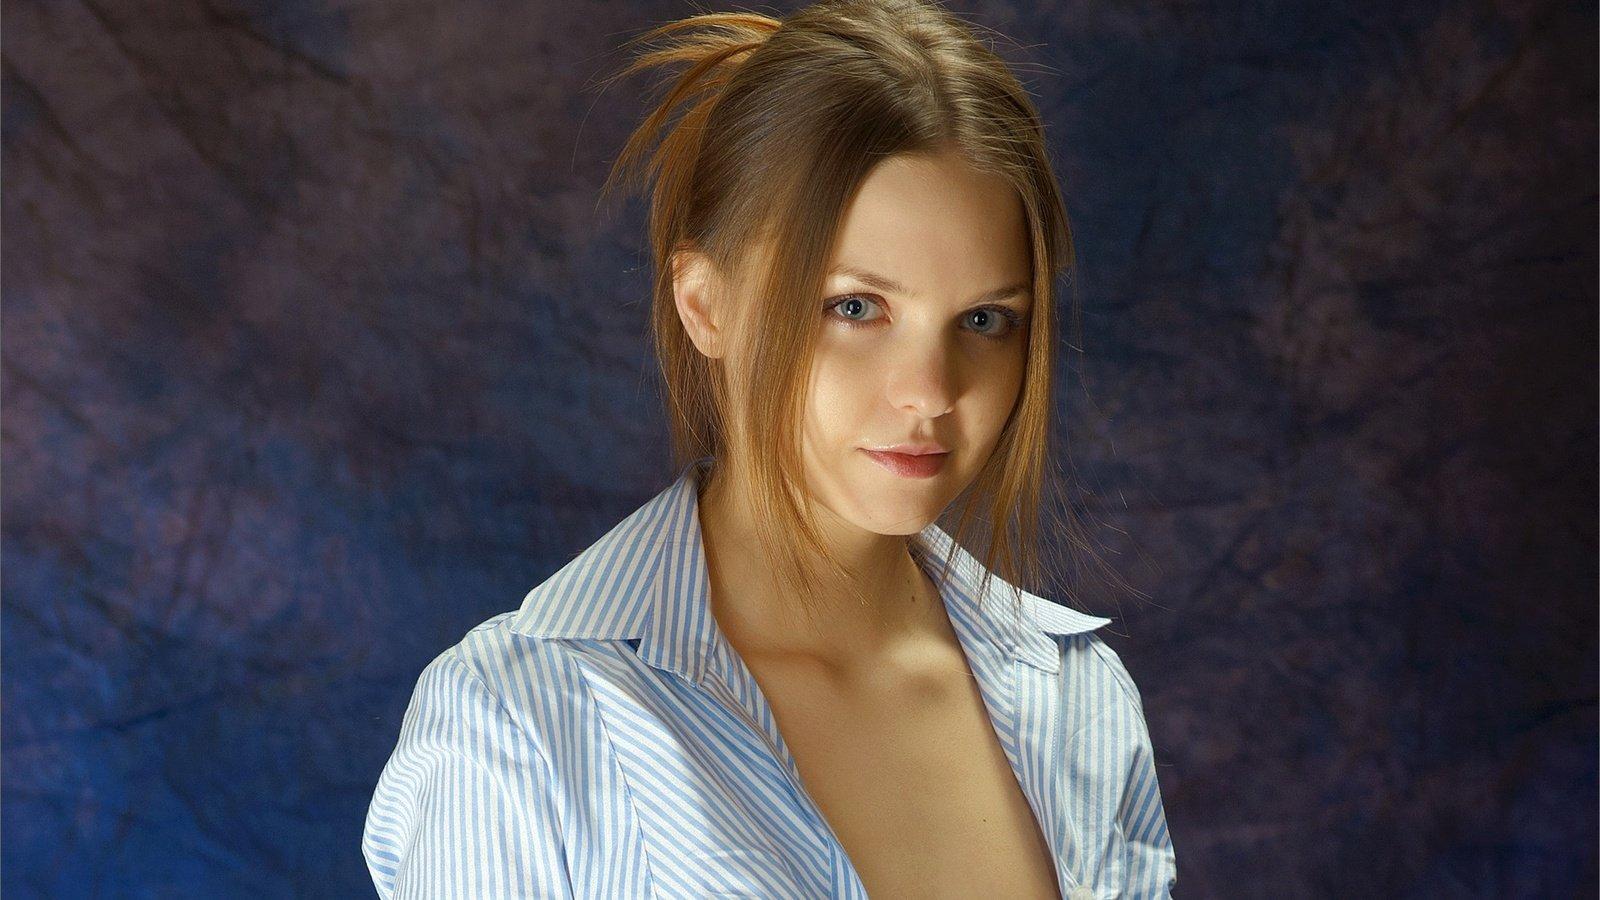 Юная красотка открыла порно